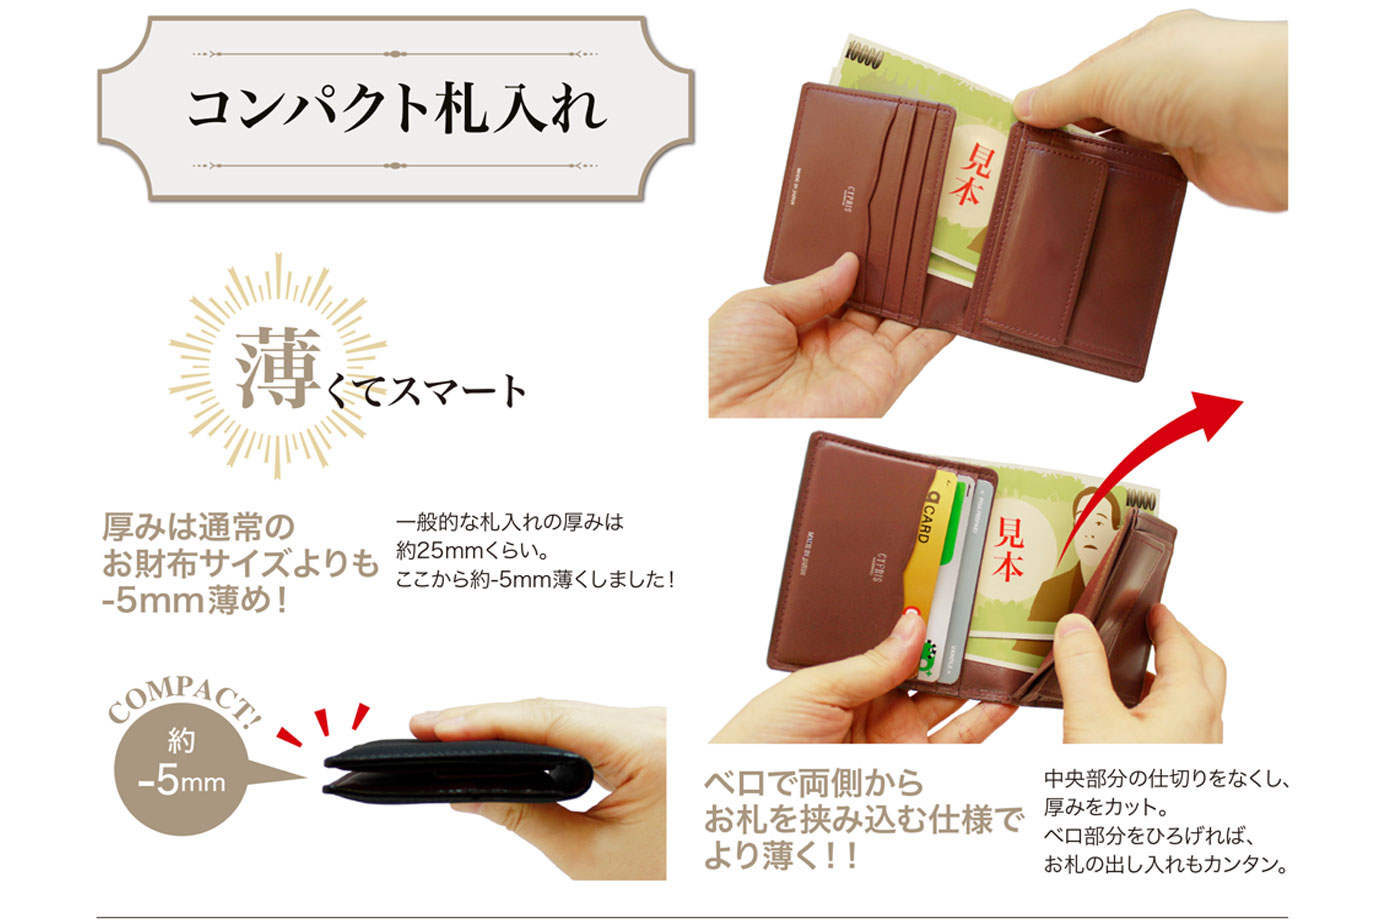 キプリスの革財布 スパークリングカーフ コンパクト札入れ 薄くてスマート。厚みは通常のお財布よりも-5mm薄め!ベロで両側からお札を挟みこむ使用でより薄く。お札の出し入れはカンタンです。